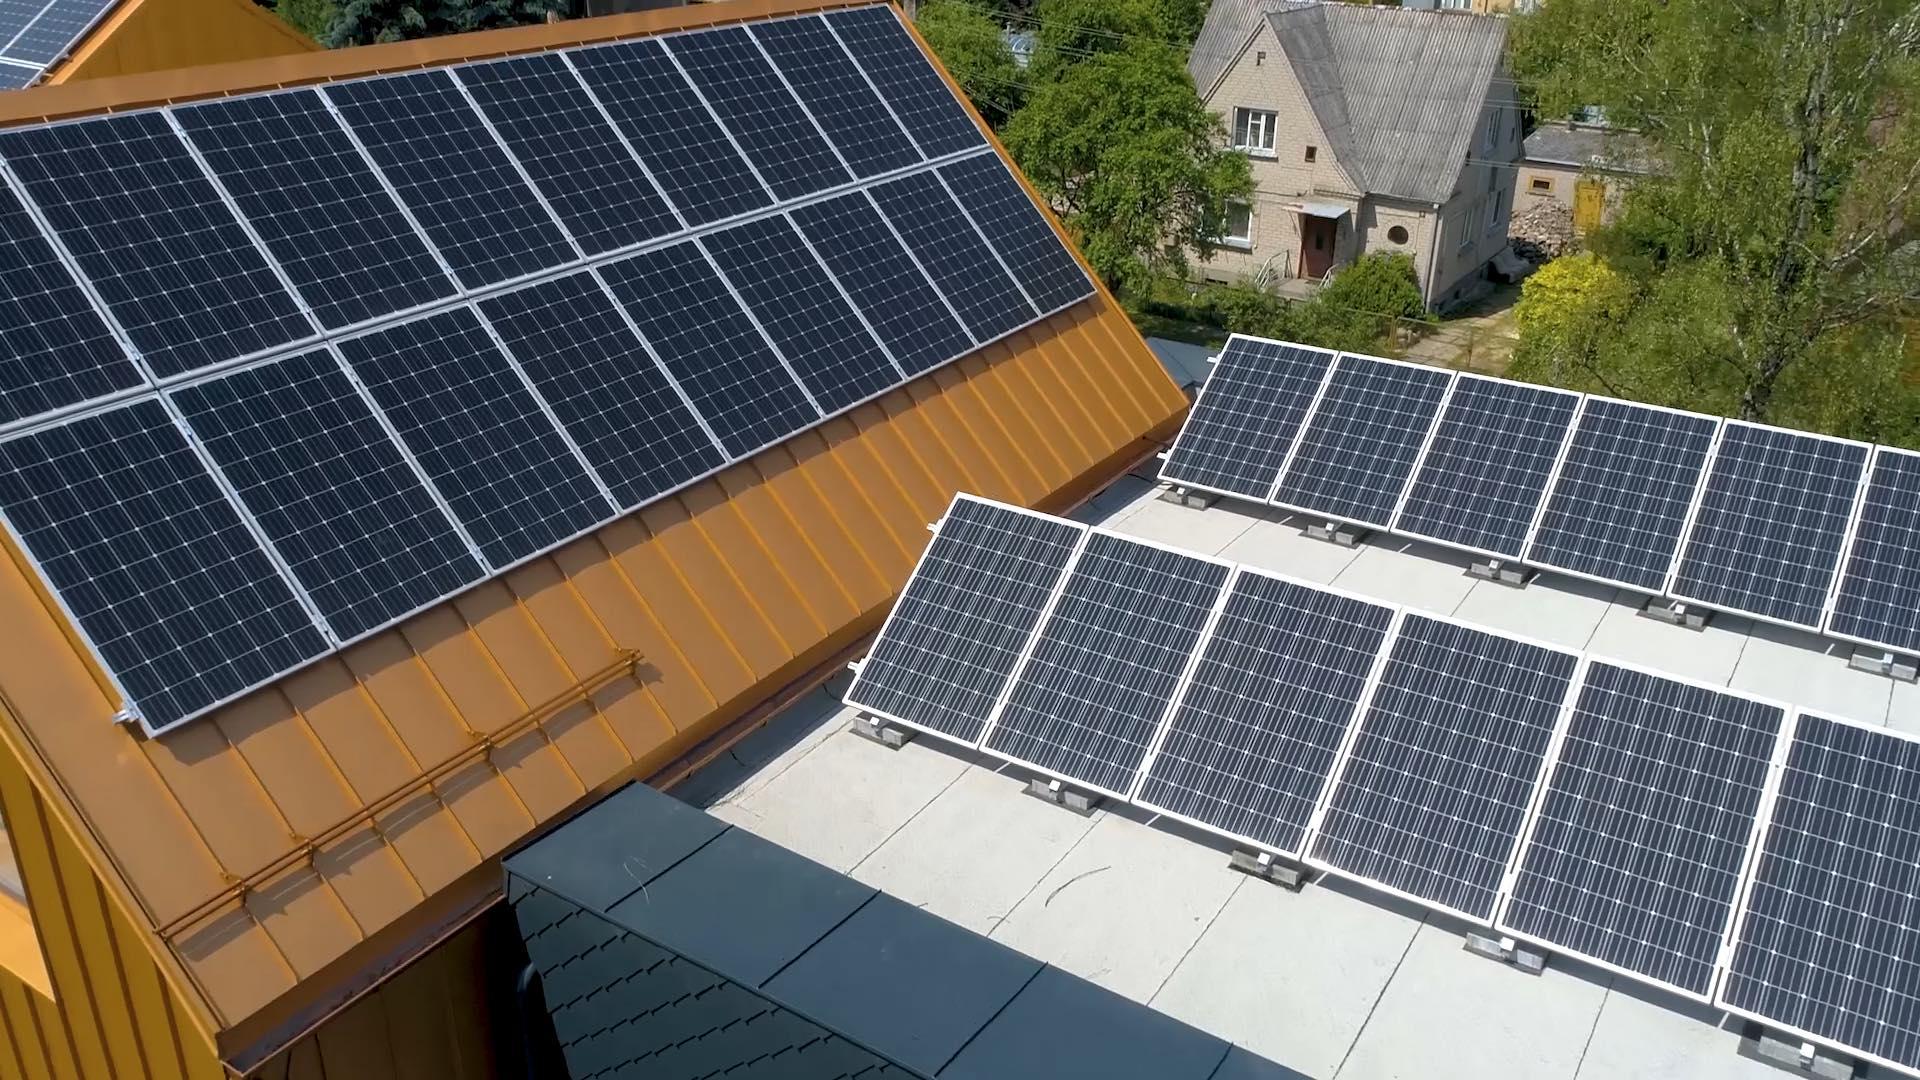 Aeronamų saulės elektrinei – 4 nepriklausomos sistemos